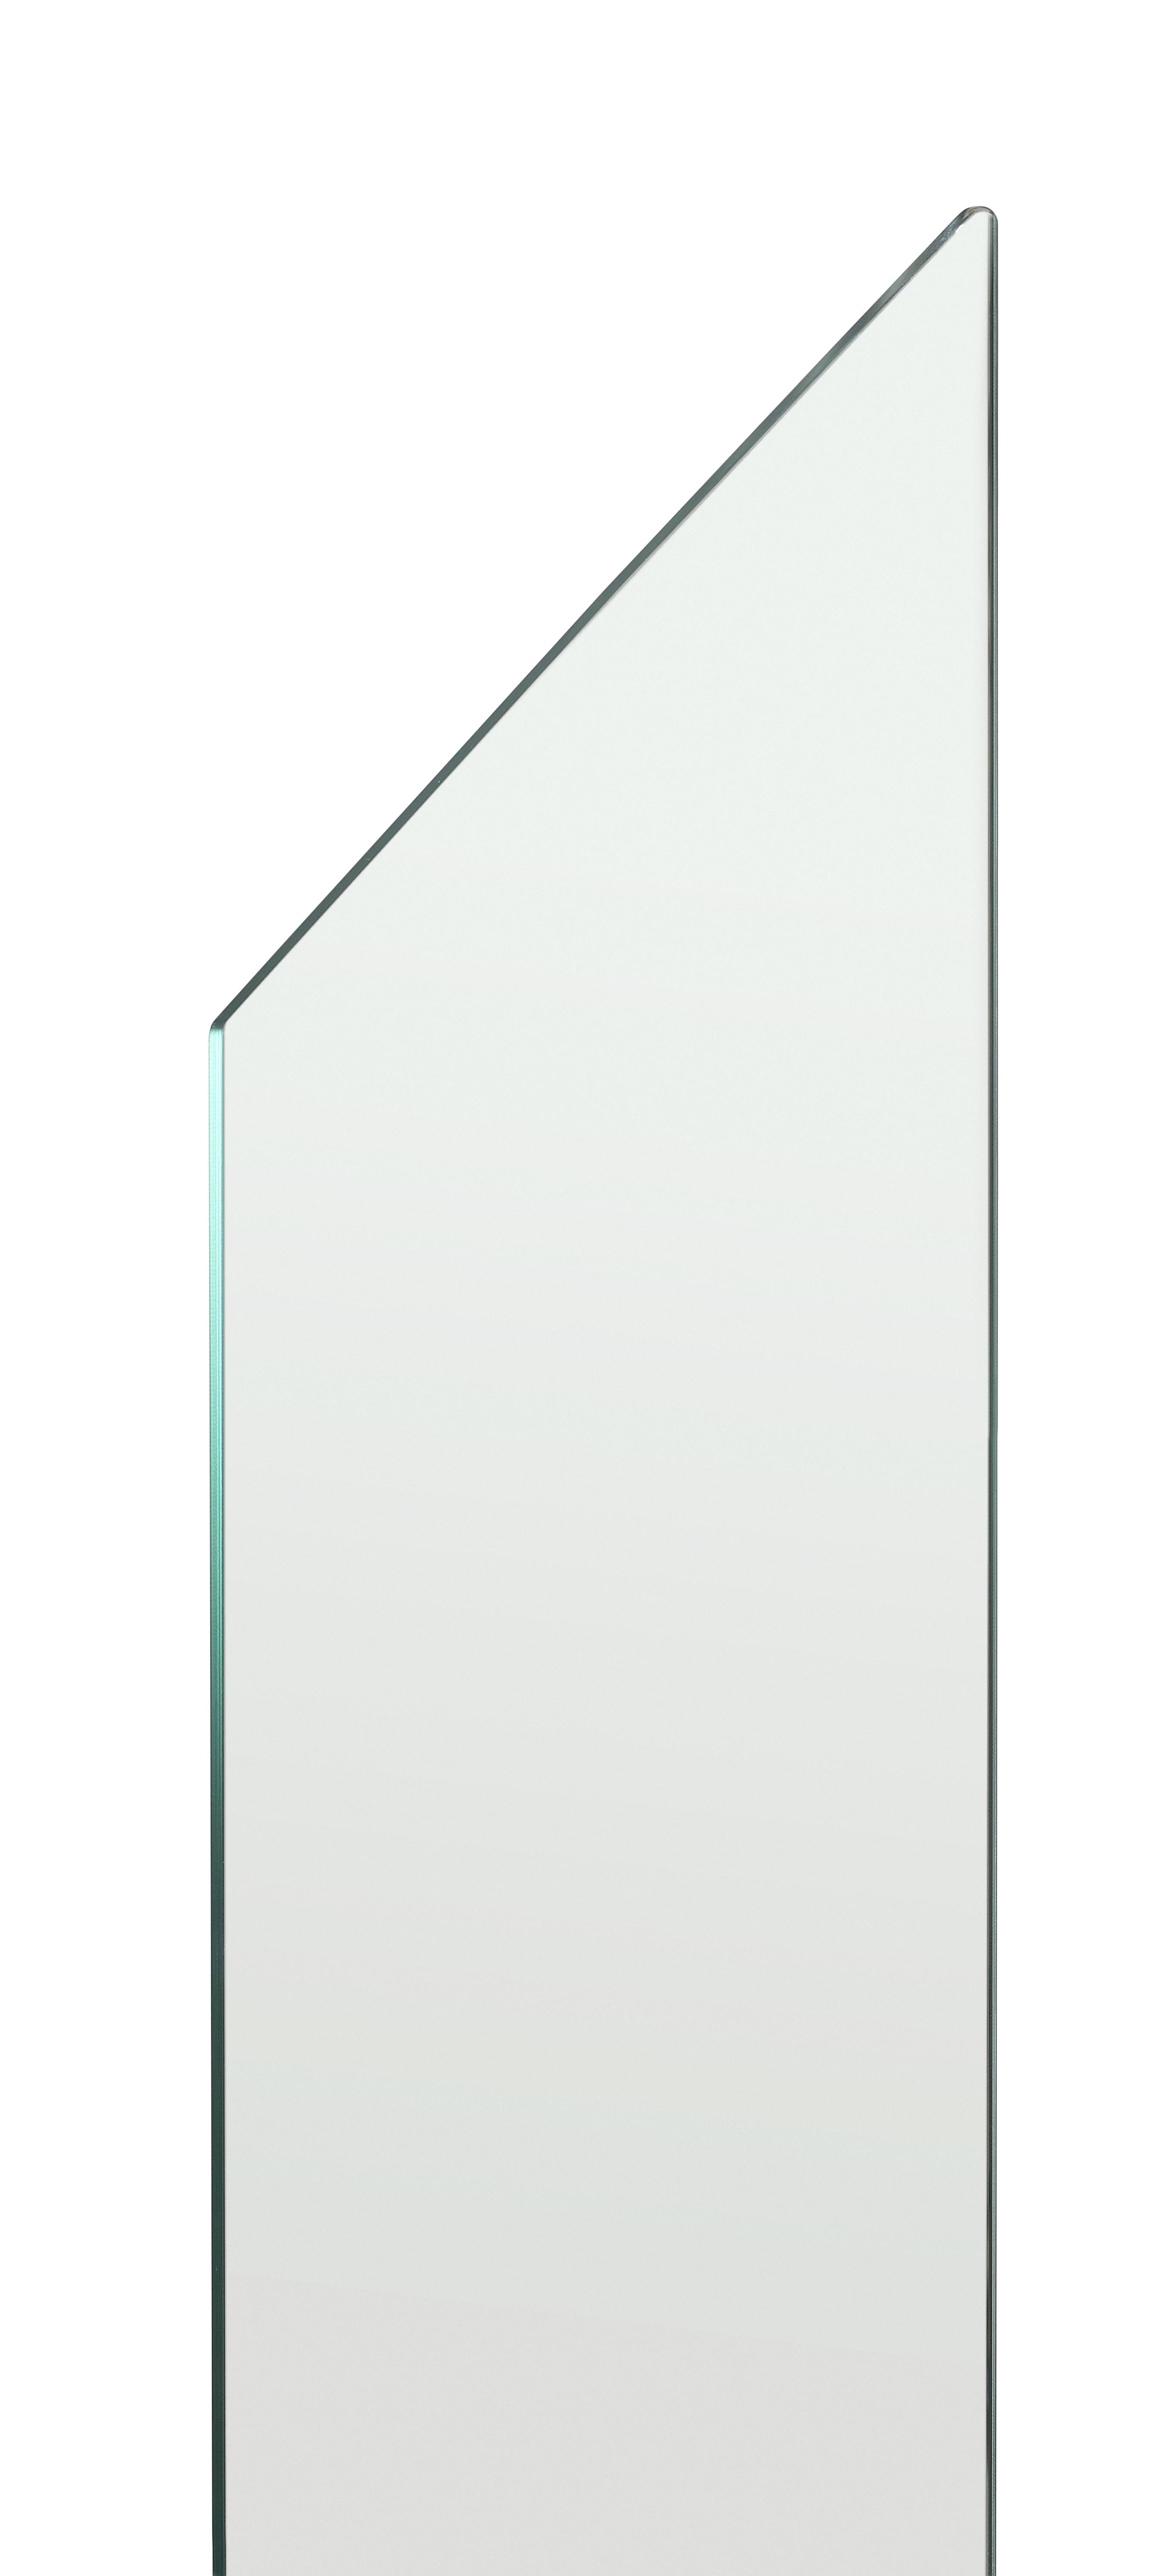 4 Immix Rake Glass Panels